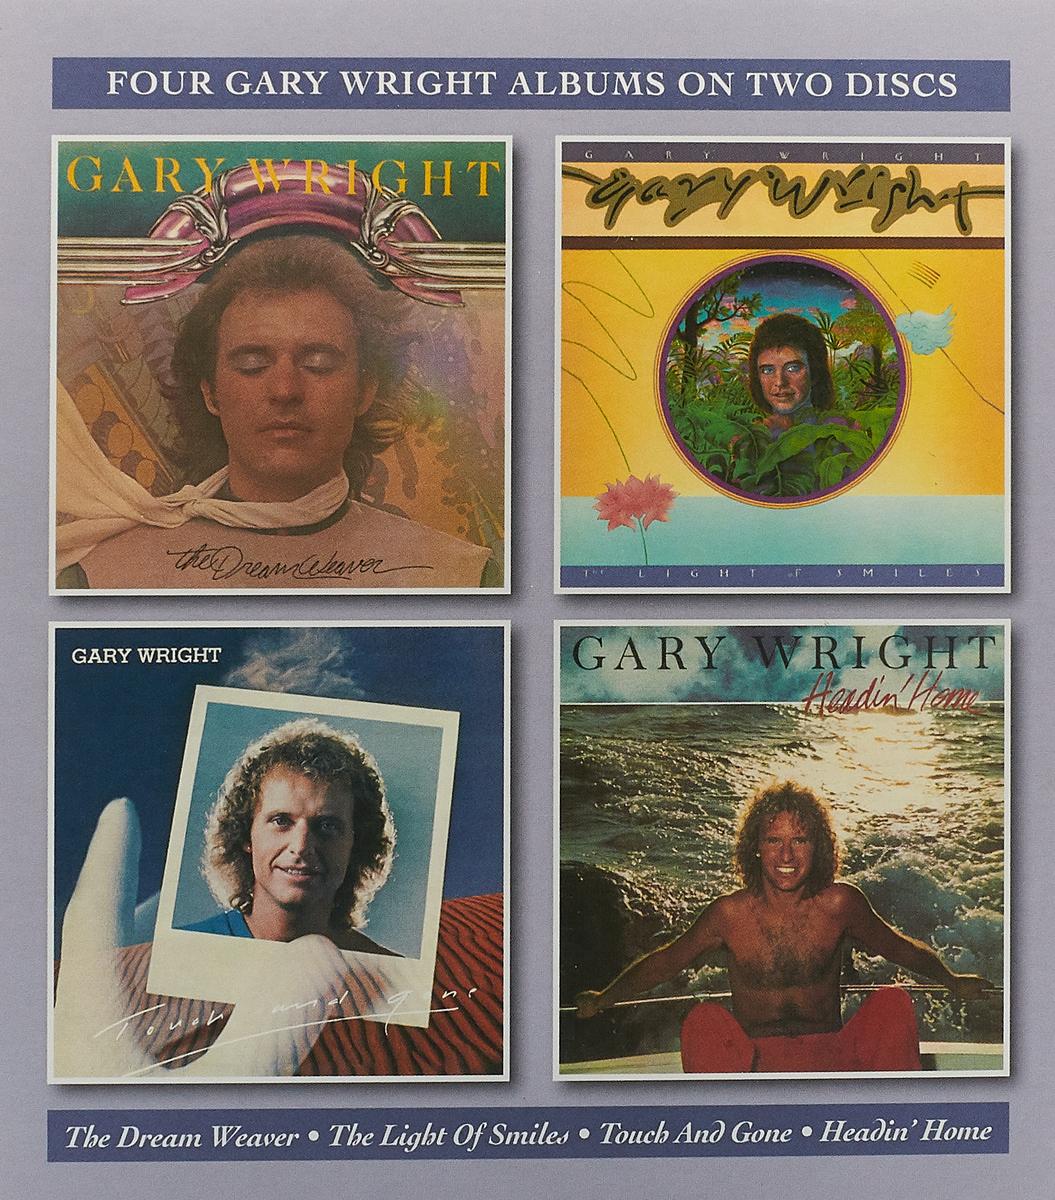 Гари Вриг Gary Wright. The Dream Weaver / The Light Of Smiles / Touch And Gone / Headin' Home (2 CD) недорго, оригинальная цена